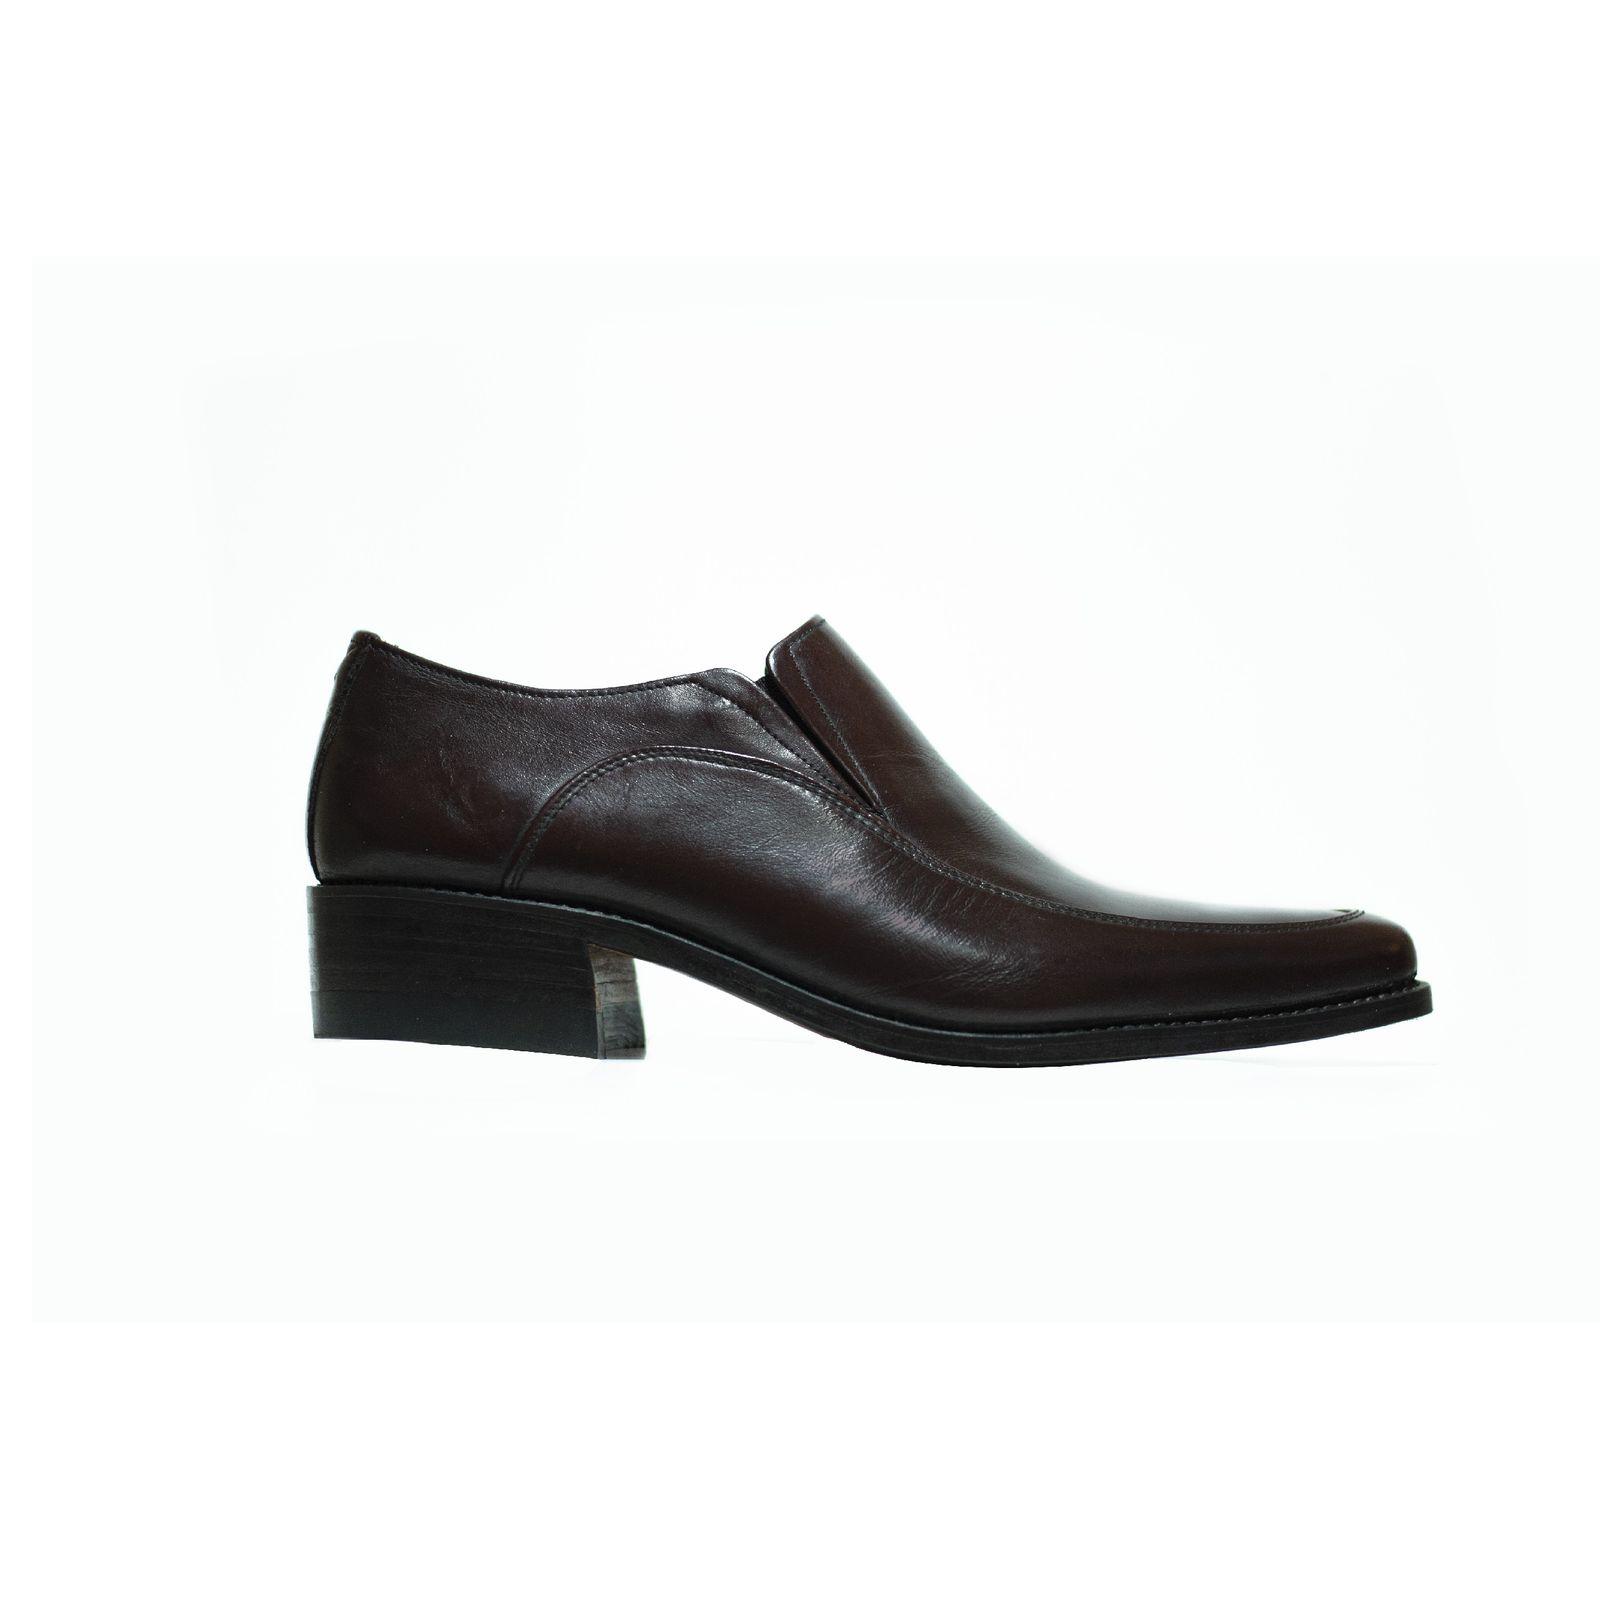 کفش مردانه کد 0003 -  - 1